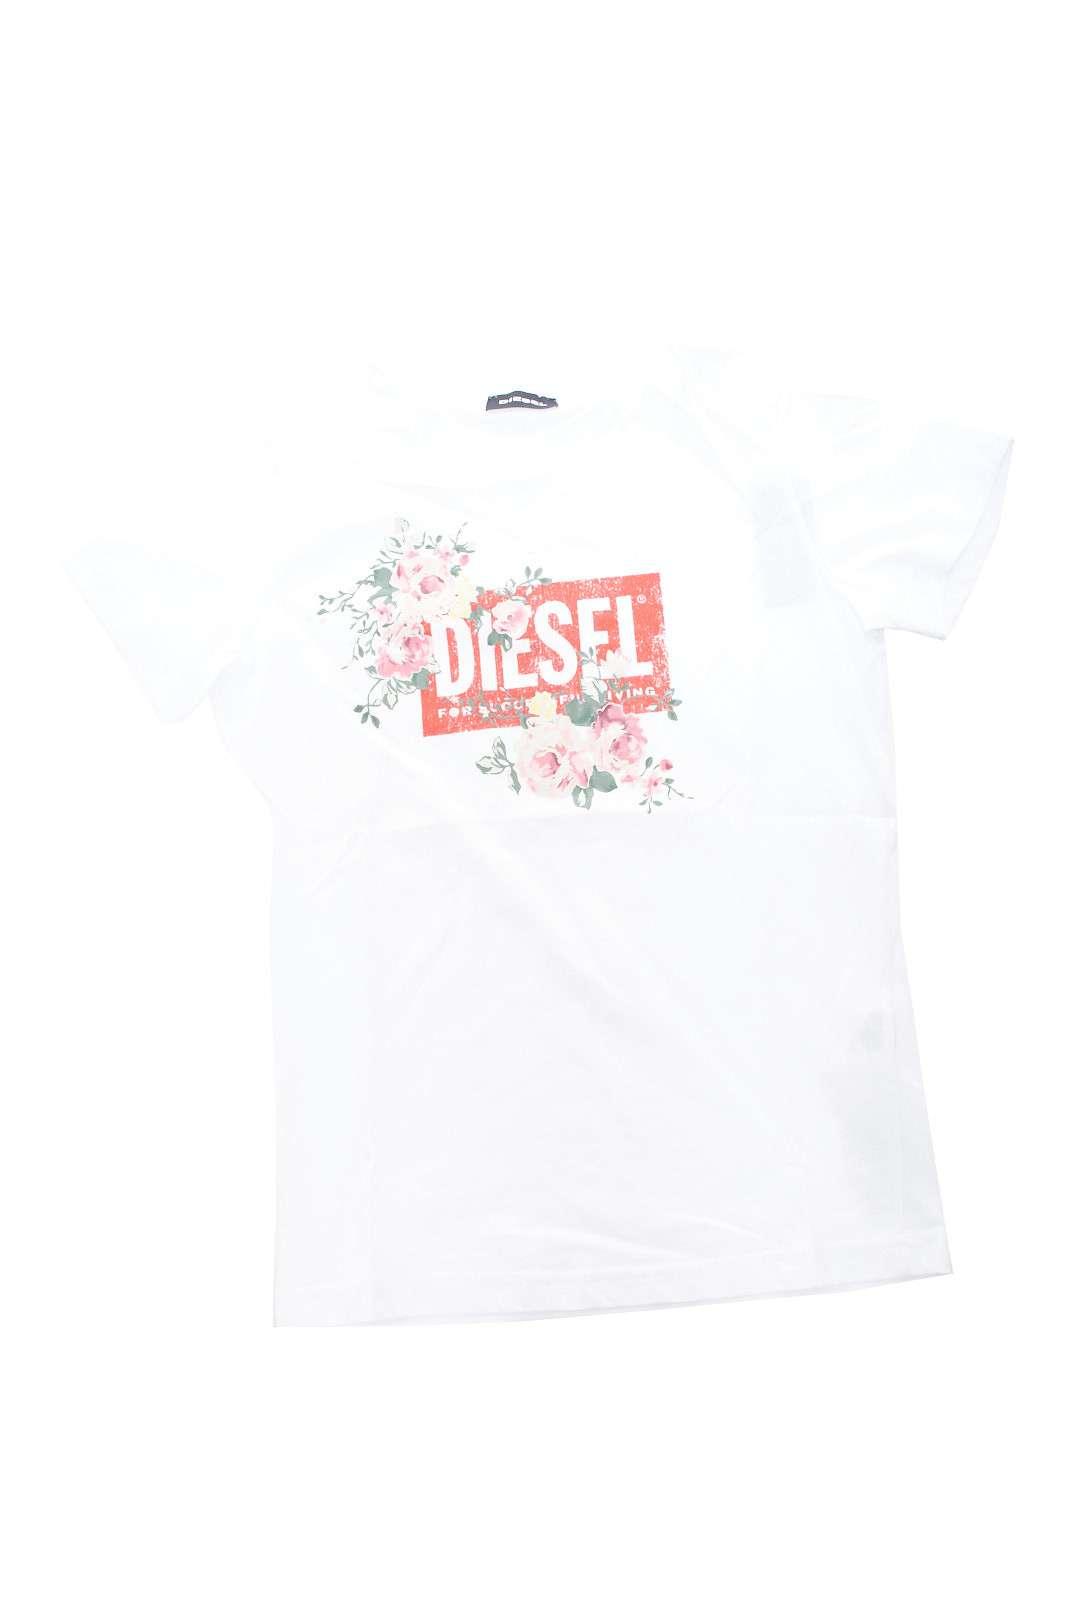 Iconica e trendy la t shirt firmata Diesel, per i più piccoli. La stampa gommata con il logo, è arricchita da una decorazione floreale, per la gioia delle bimbe, rendendo ogni look più glamour.